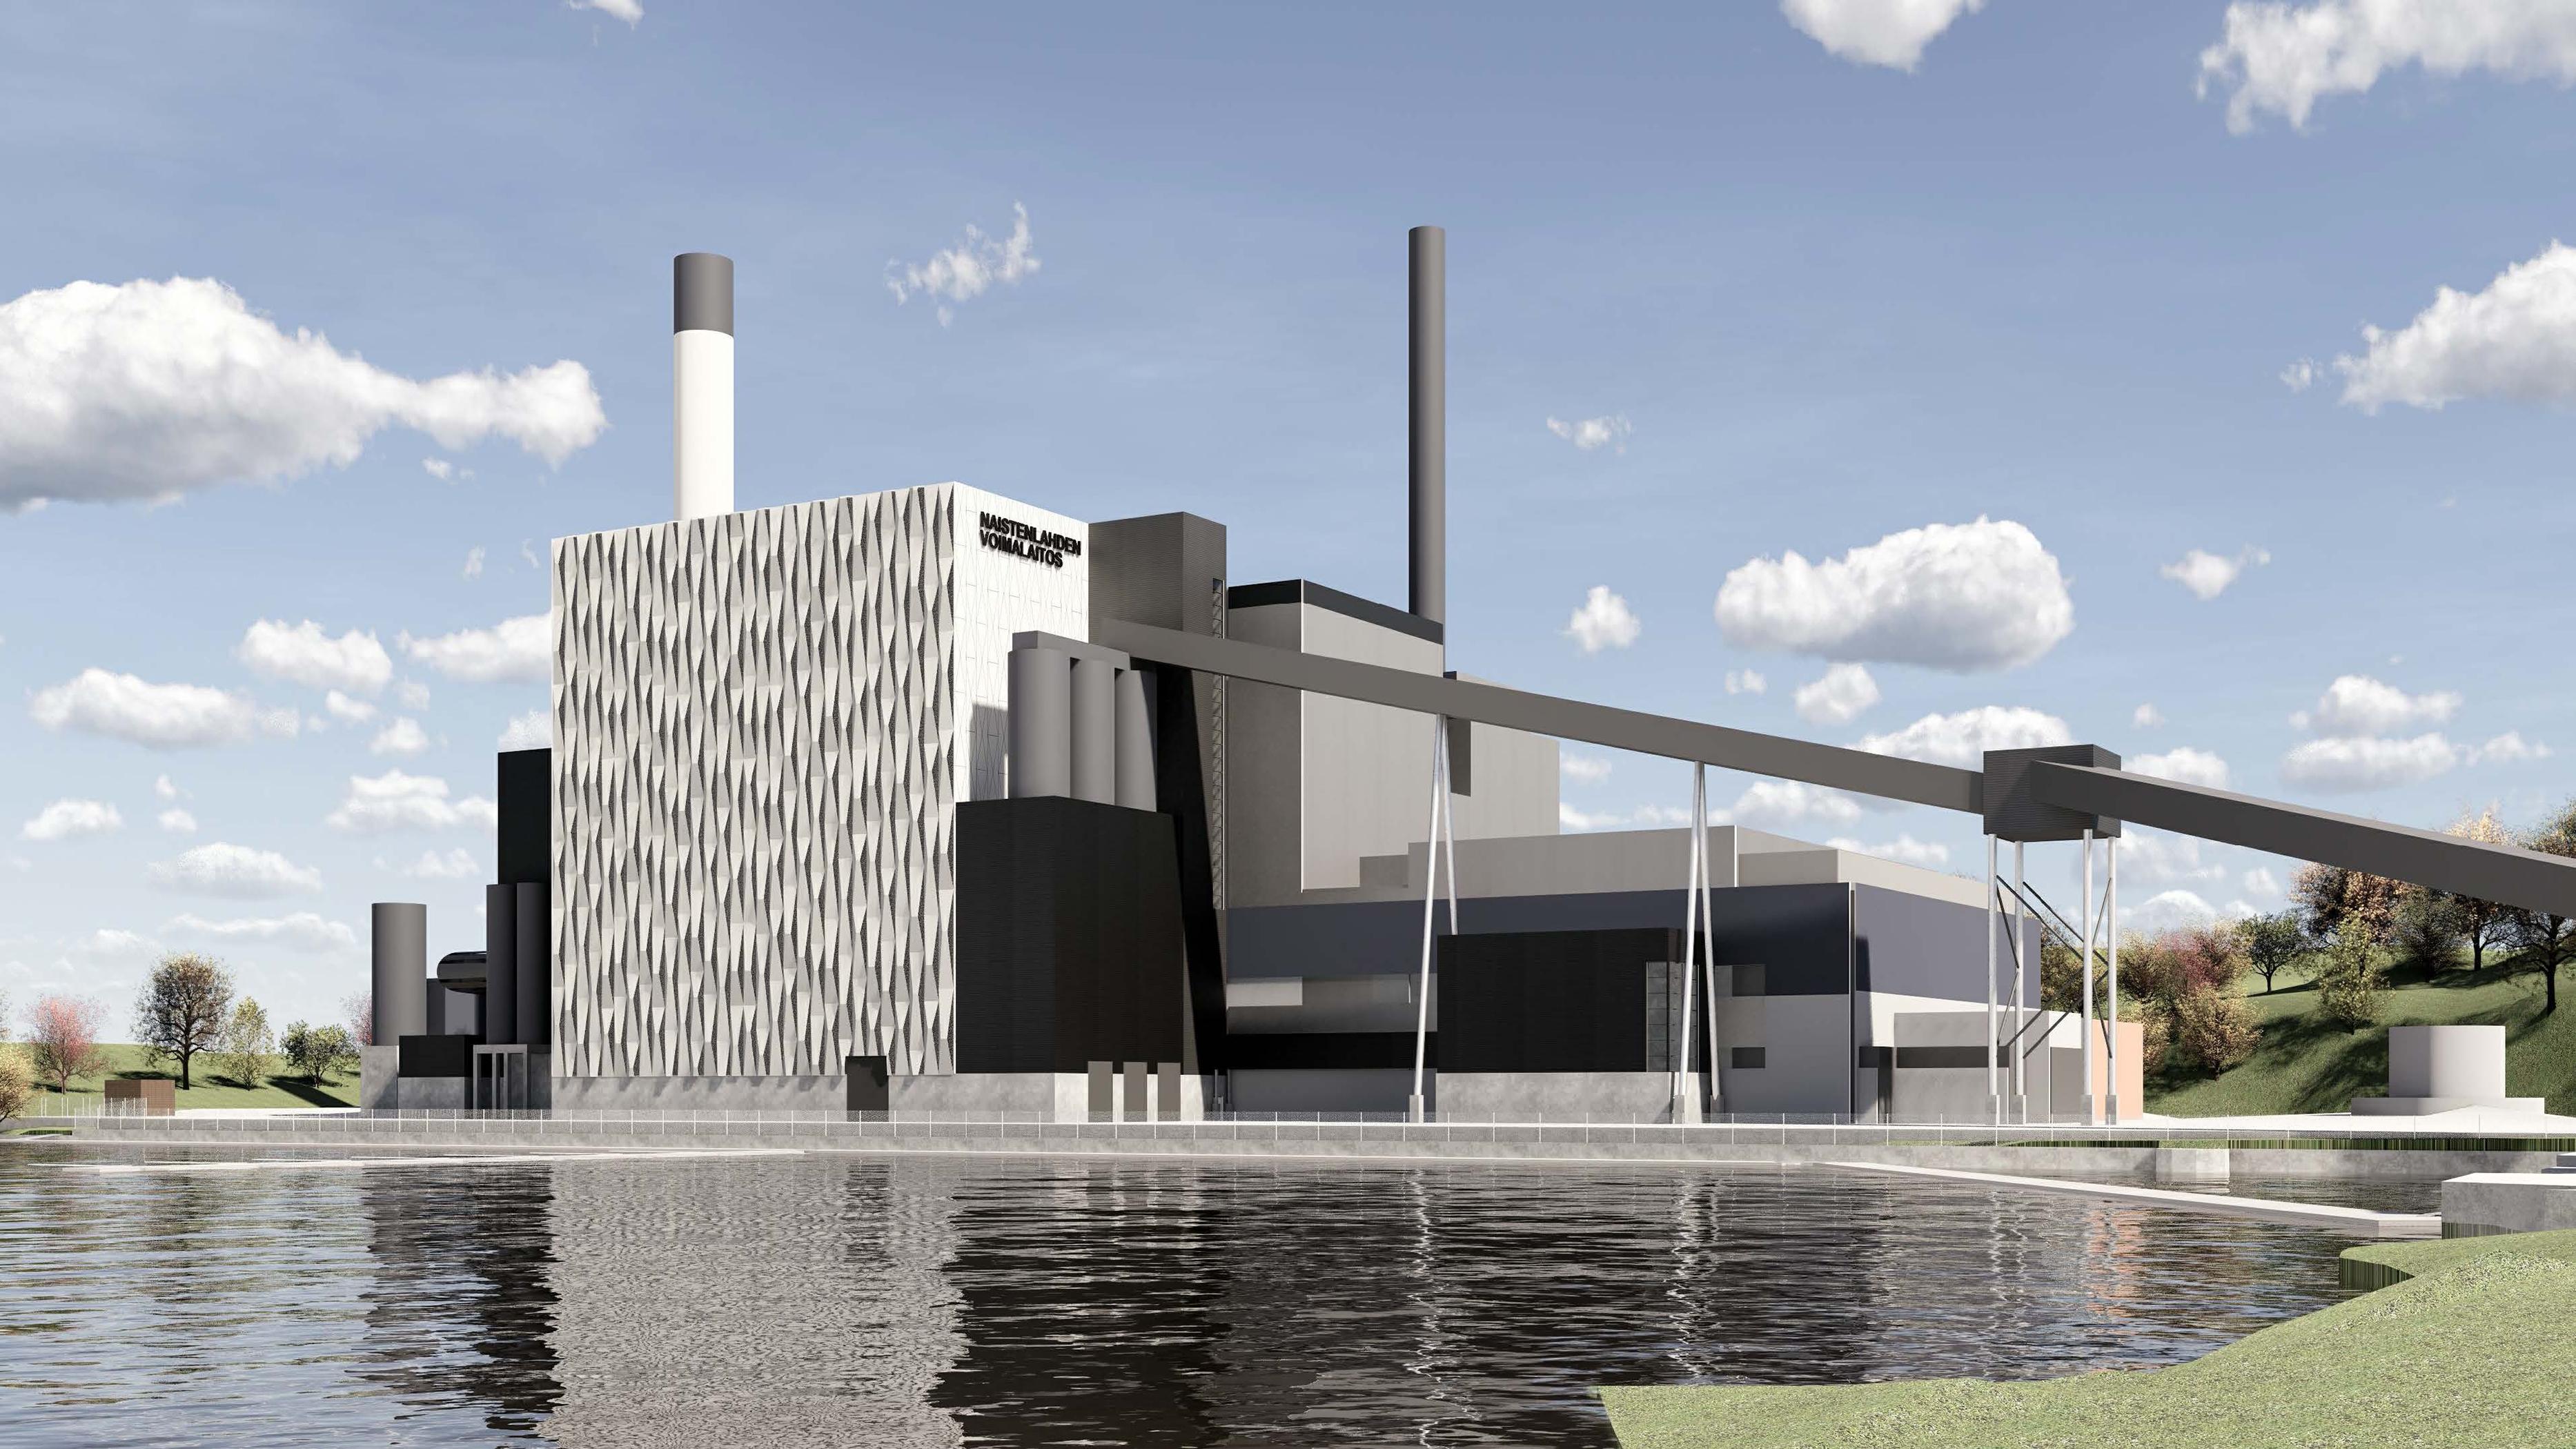 Havainnekuva Tampereen Sähkölaitos Oy:n Naistenlahden voimalaitoksesta